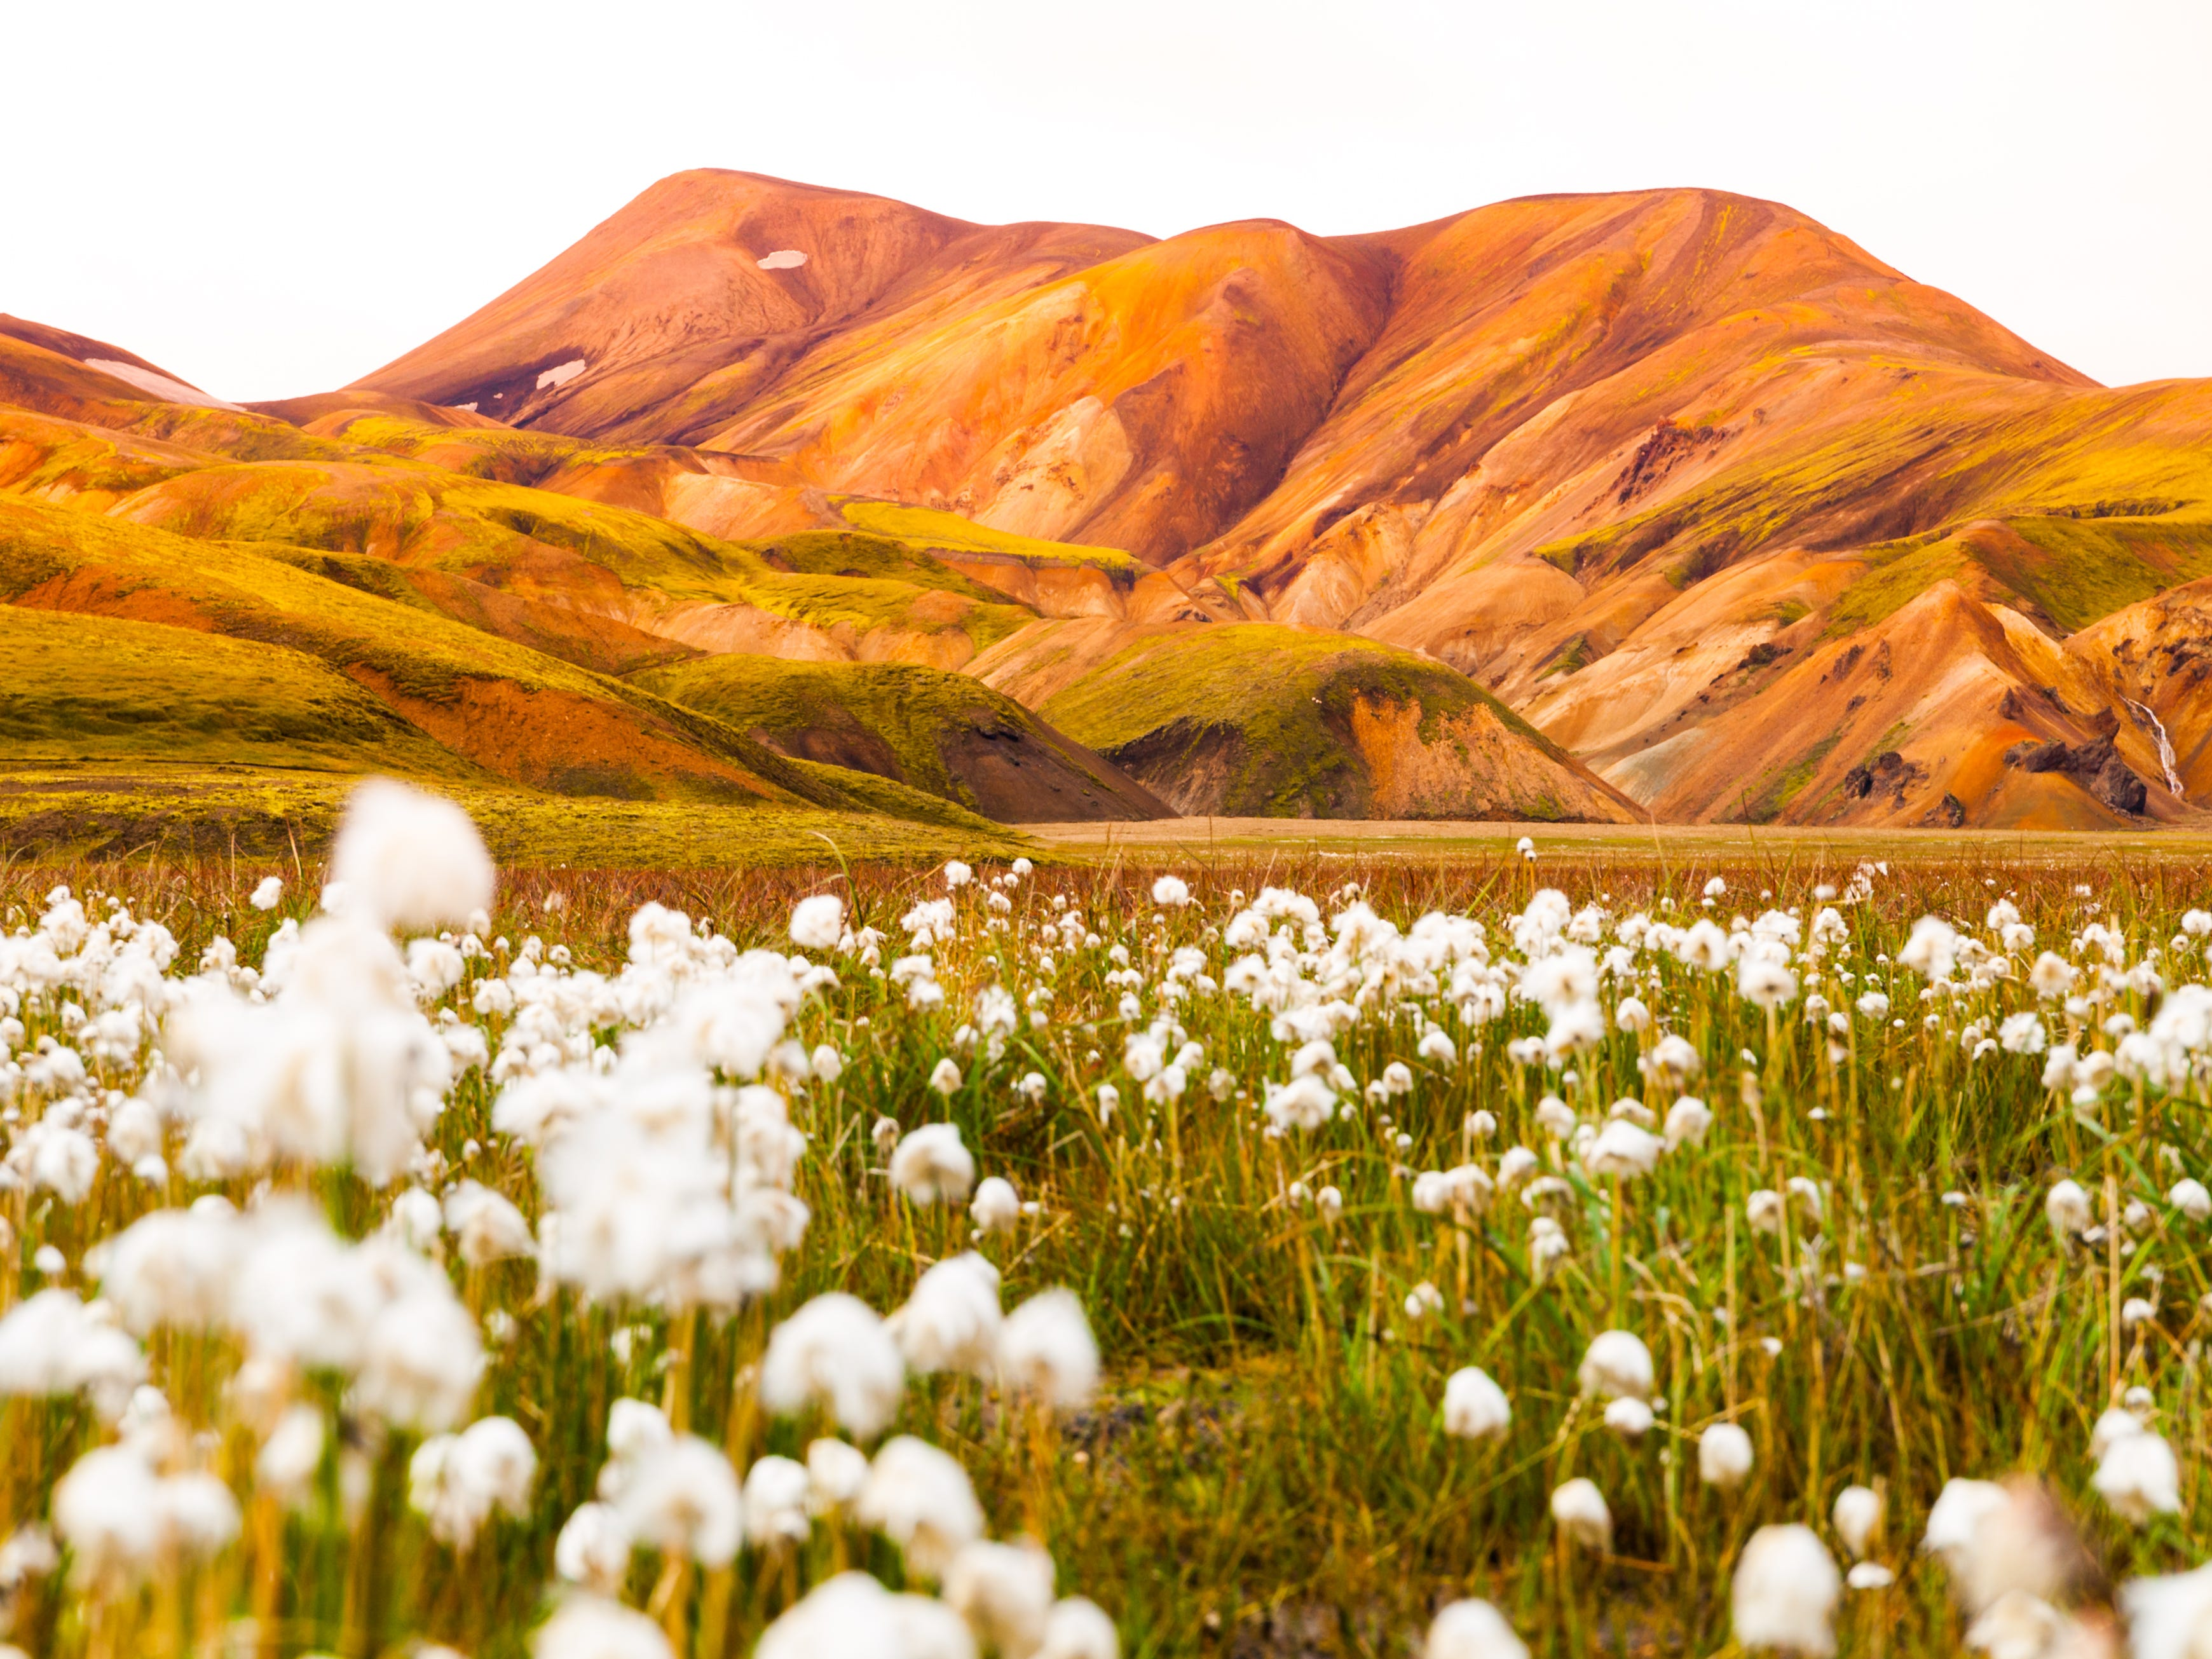 Landmannalaugar in Iceland.